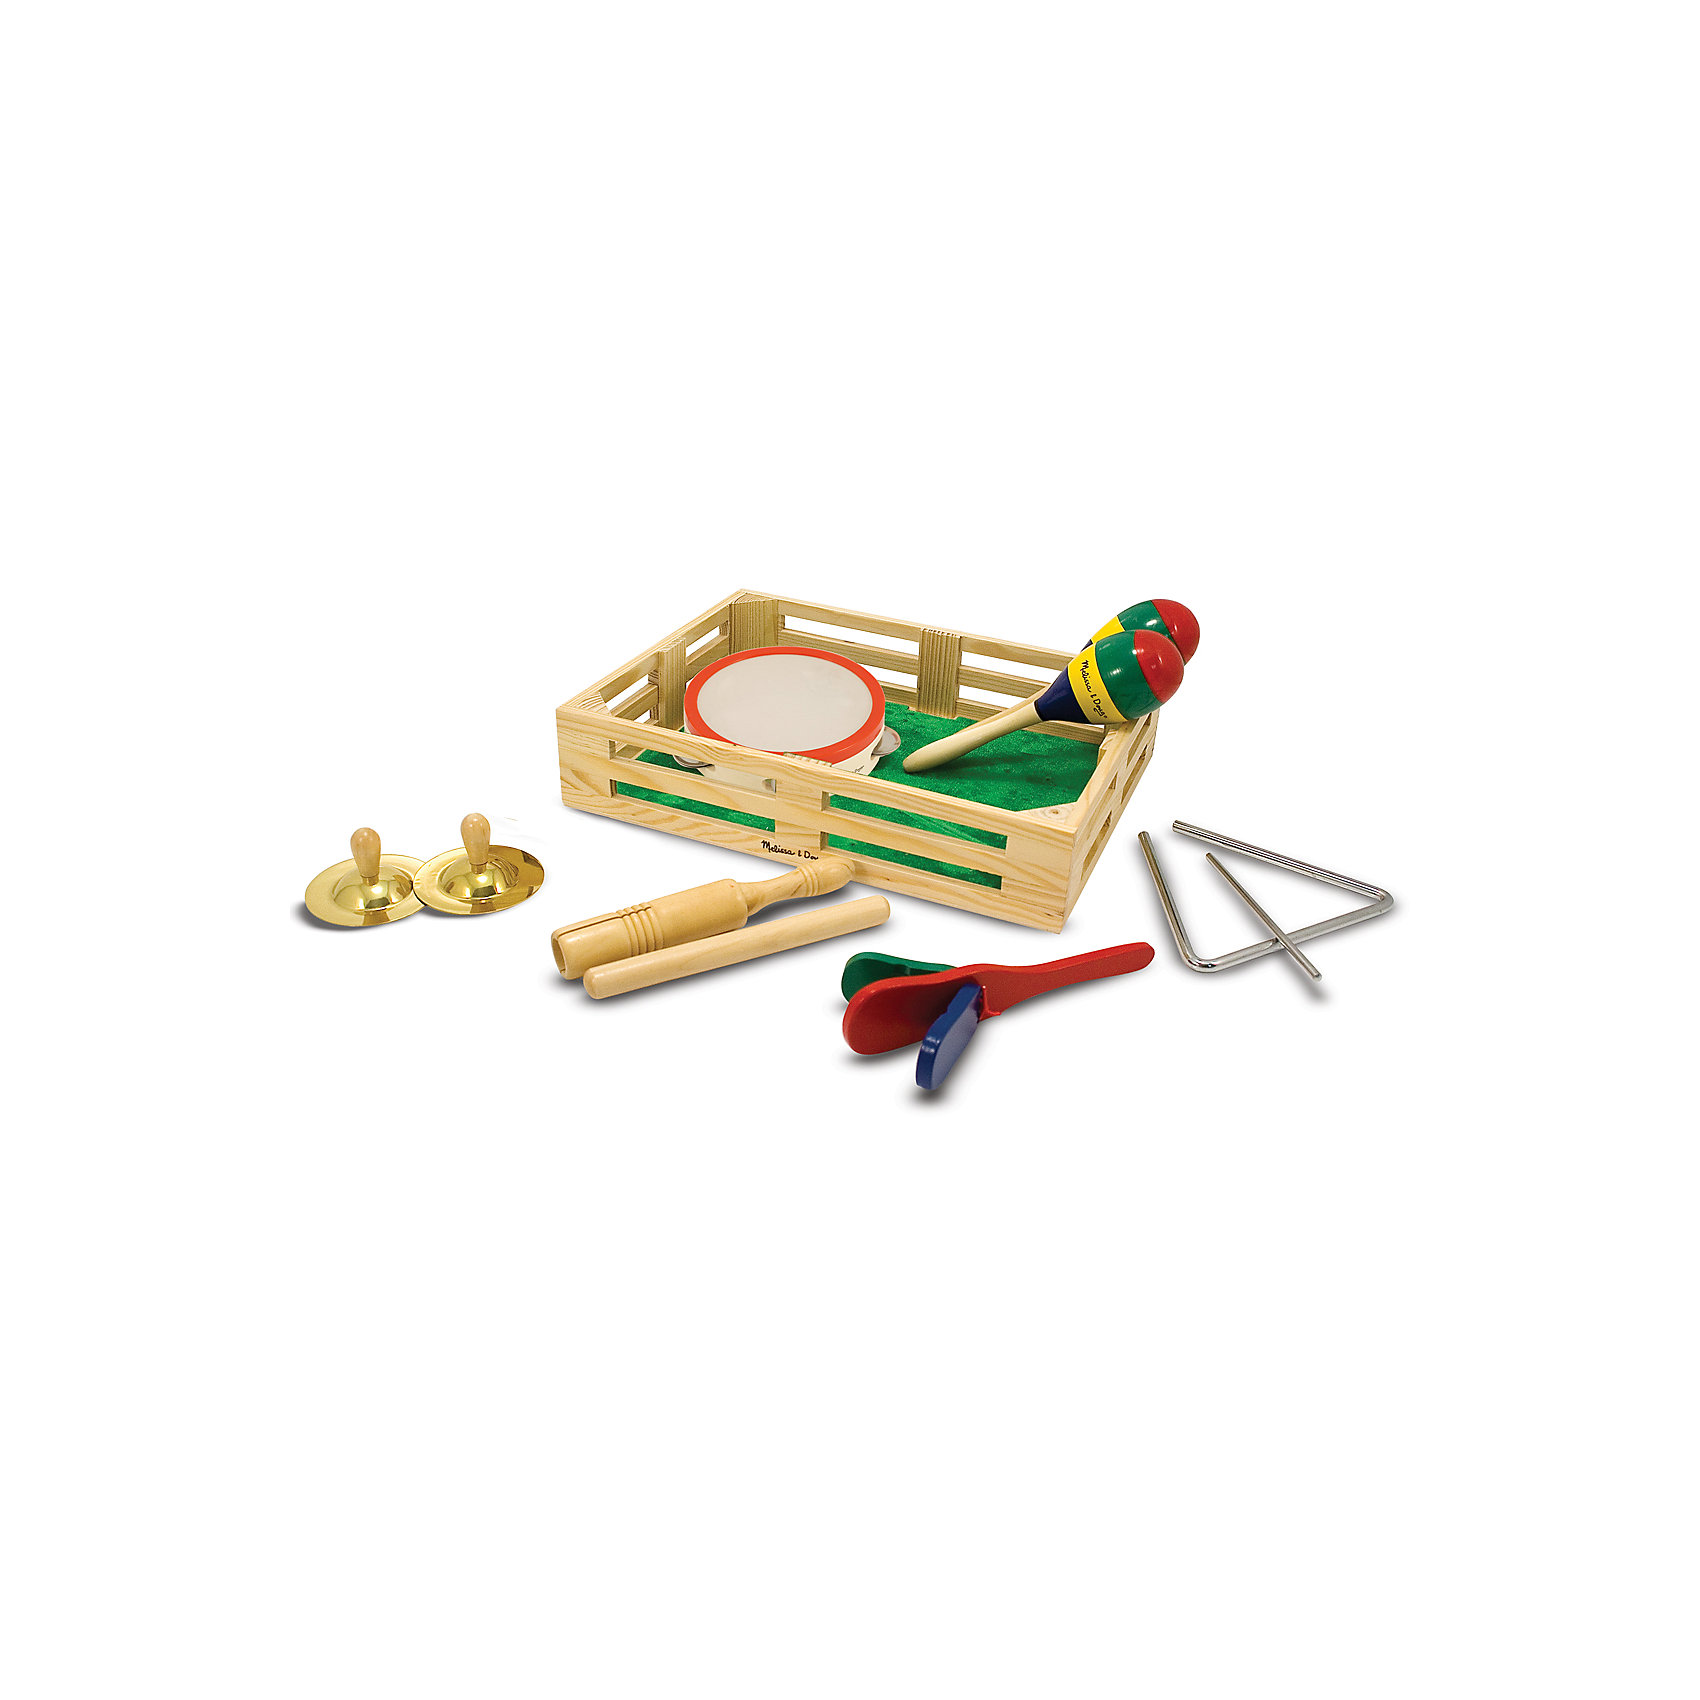 Музыкальные инструменты Melissa&amp;Doug в коробкеДеревянные музыкальные игрушки<br>Музыкальные инструменты, Melissa &amp; Doug (Мелисса и Даг) – этот набор обрадует малышей любящих музицировать.<br>С помощью этого набора музыкальных инструментов ребенок может создать музыкальную группу из 6 человек. Это отличный набор для знакомства вашего малыша с многообразием музыкальных инструментов и просто развлечение. Детки постарше с большим удовольствием устроят музыкальное выступление для родных и близких в праздничный день. Все инструменты упакованы в деревянный ящик-коробку. Игровой набор поможет развить музыкально-ритмические, творческие способности ребенка, слух, координацию движений.<br><br>Дополнительная информация:<br><br>- В наборе: тамбурин, трещотка, палочки, маракасы, тарелки, музыкальный треугольник<br>- Материал: дерево, металл<br>- Размер упаковки: 38х29х8 см.<br>- Вес: 1427 гр.<br><br>Музыкальные инструменты, Melissa &amp; Doug (Мелисса и Даг) можно купить в нашем интернет-магазине.<br><br>Ширина мм: 800<br>Глубина мм: 380<br>Высота мм: 290<br>Вес г: 1427<br>Возраст от месяцев: 36<br>Возраст до месяцев: 96<br>Пол: Унисекс<br>Возраст: Детский<br>SKU: 4005808